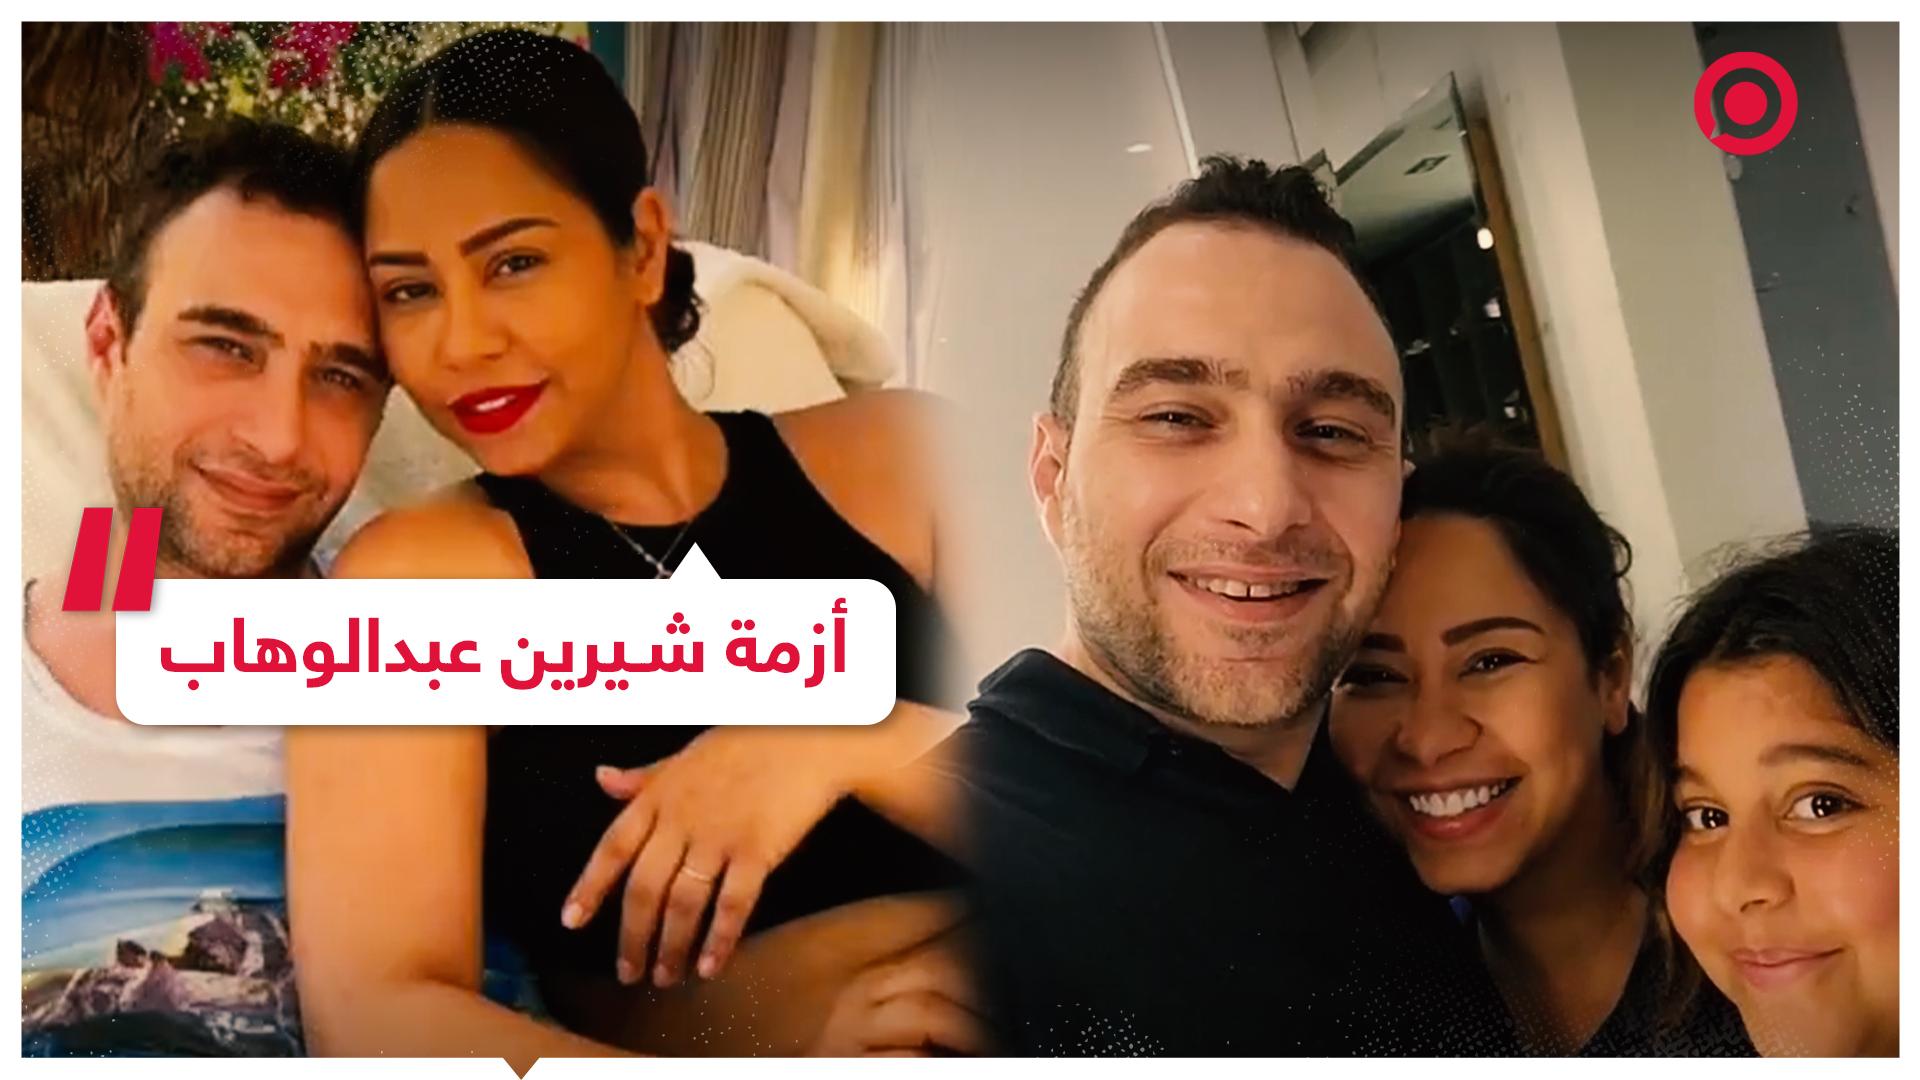 حسام حبيب وشيرين عبدالوهاب يخرجان عن صمتهما